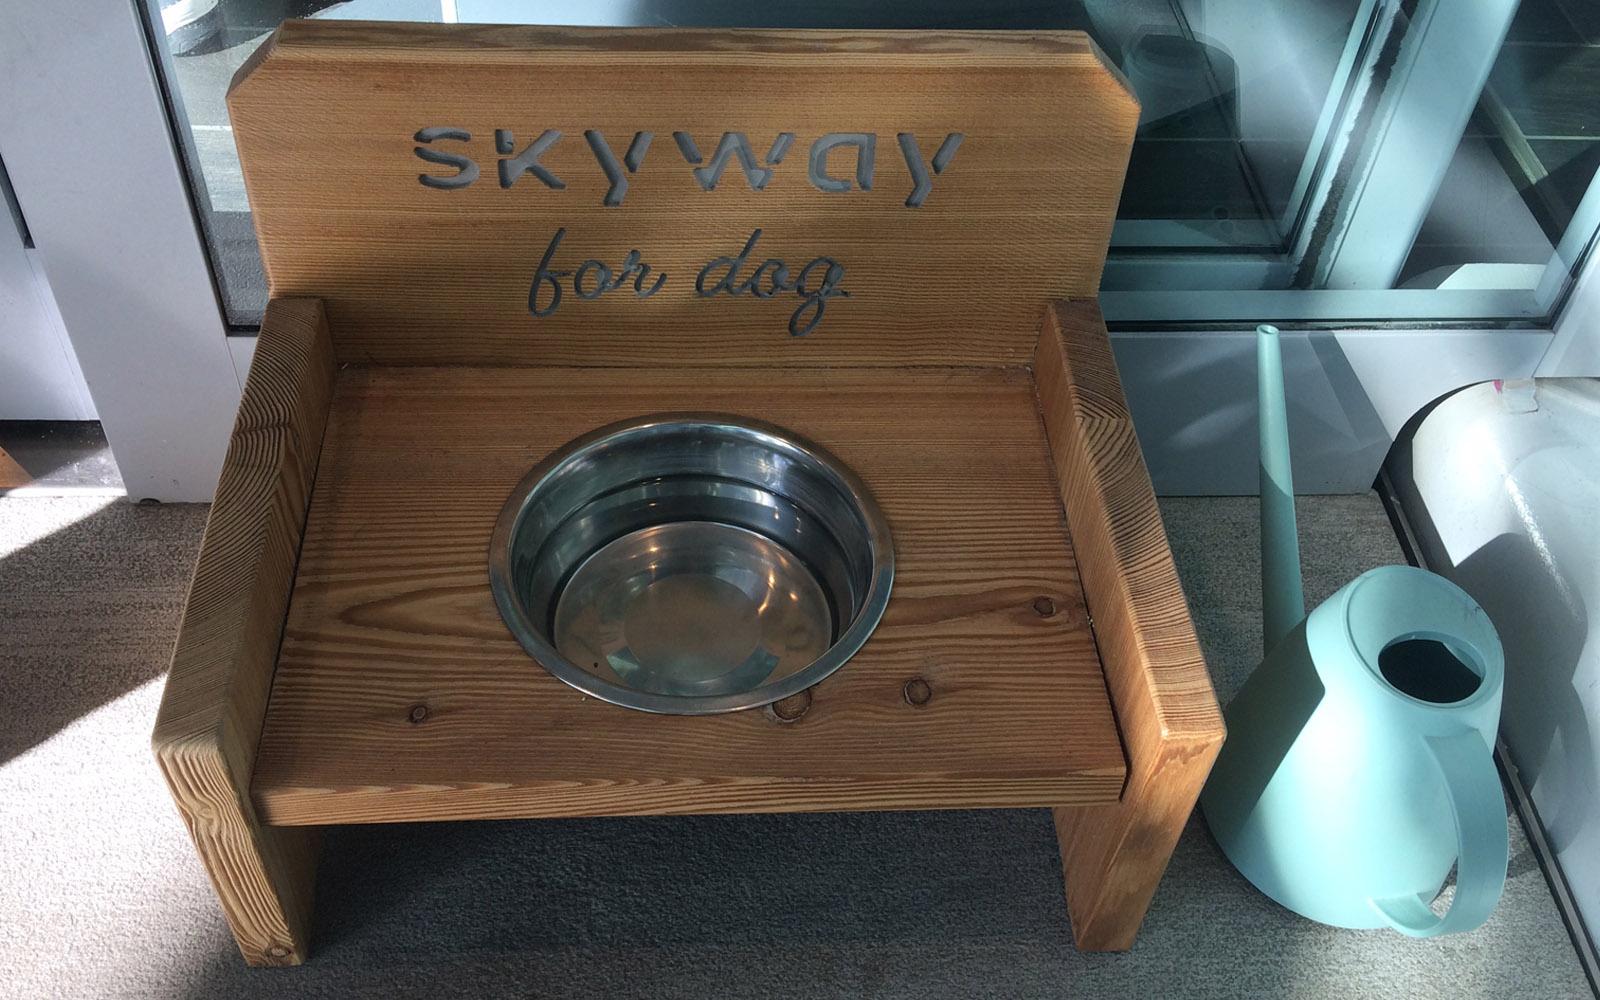 Una delle ciotole per cani che si trovano nello Skyway Monte Bianco